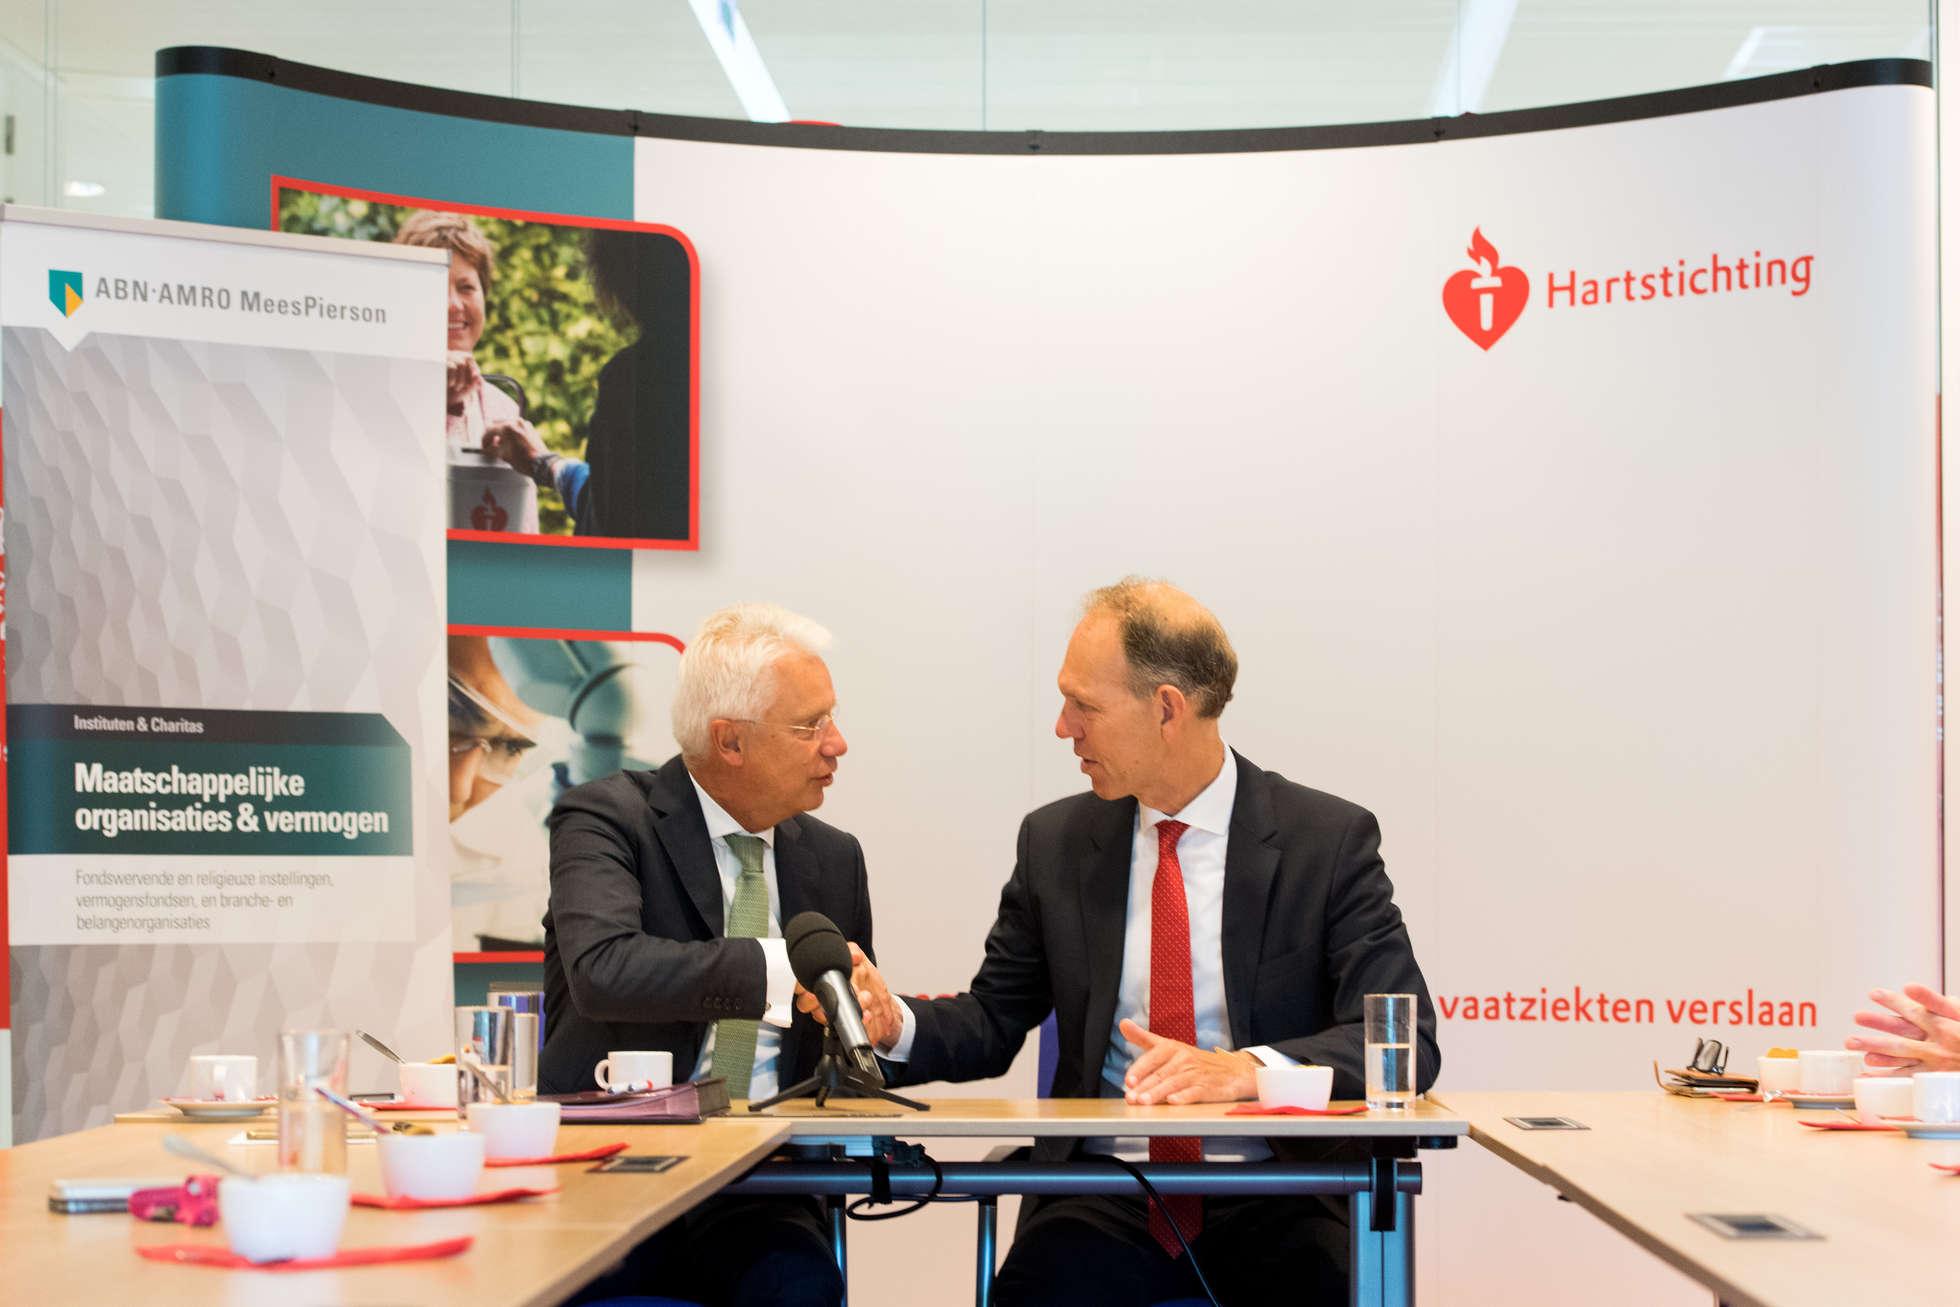 Hartstichting en ABN AMRO partners voor rookvrije toekomst